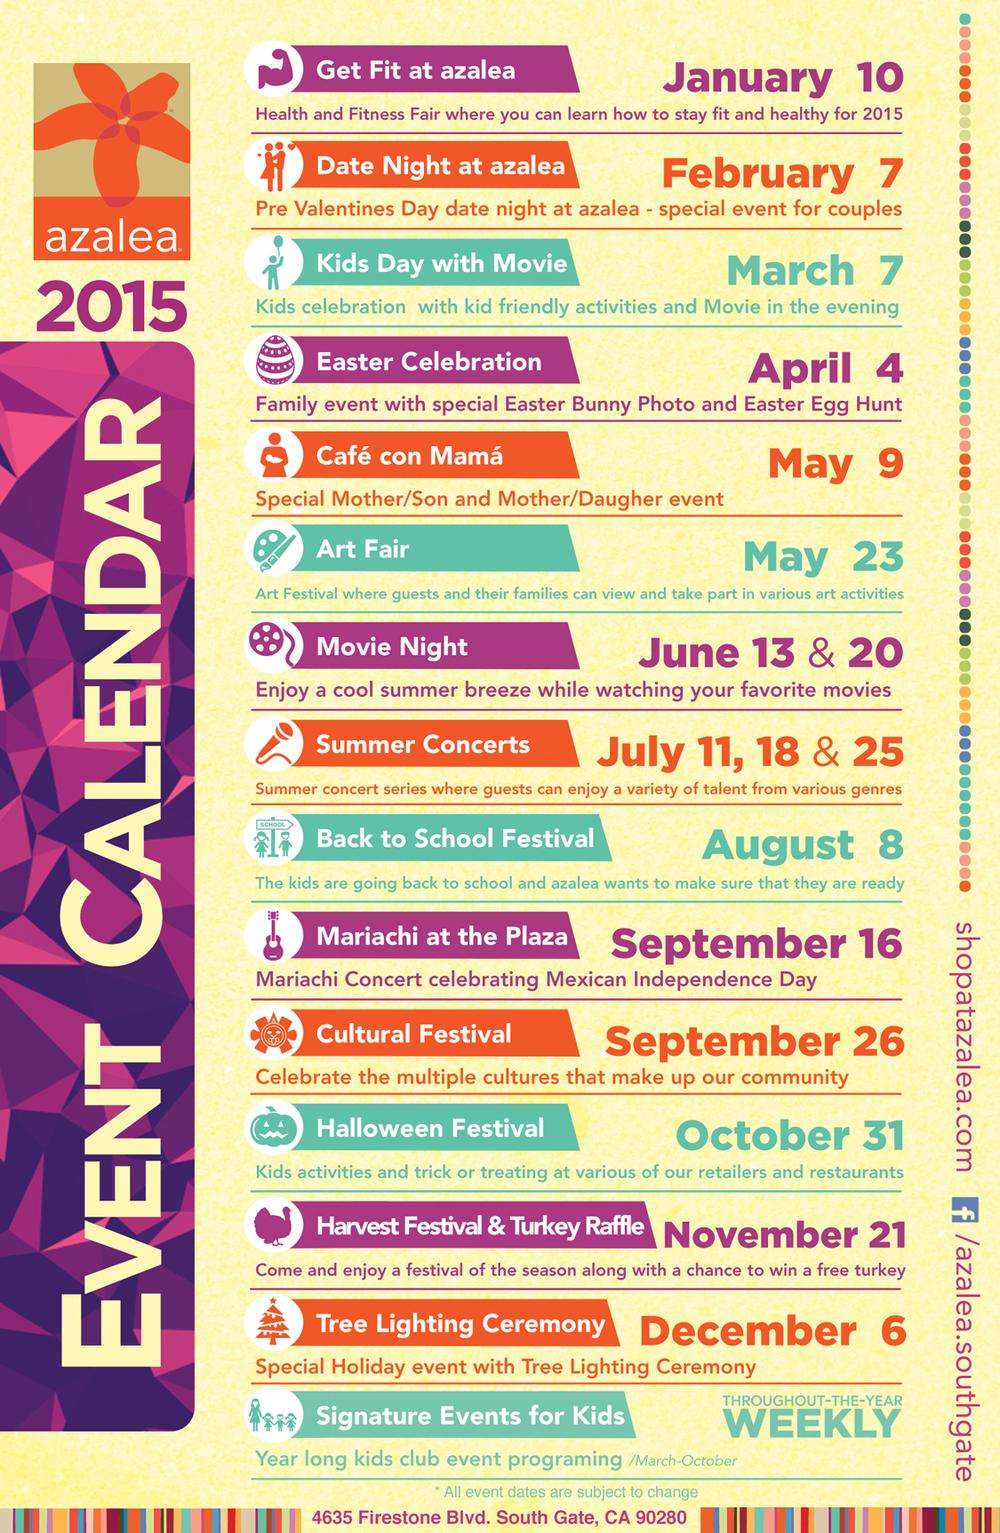 2015 azalea event calendar